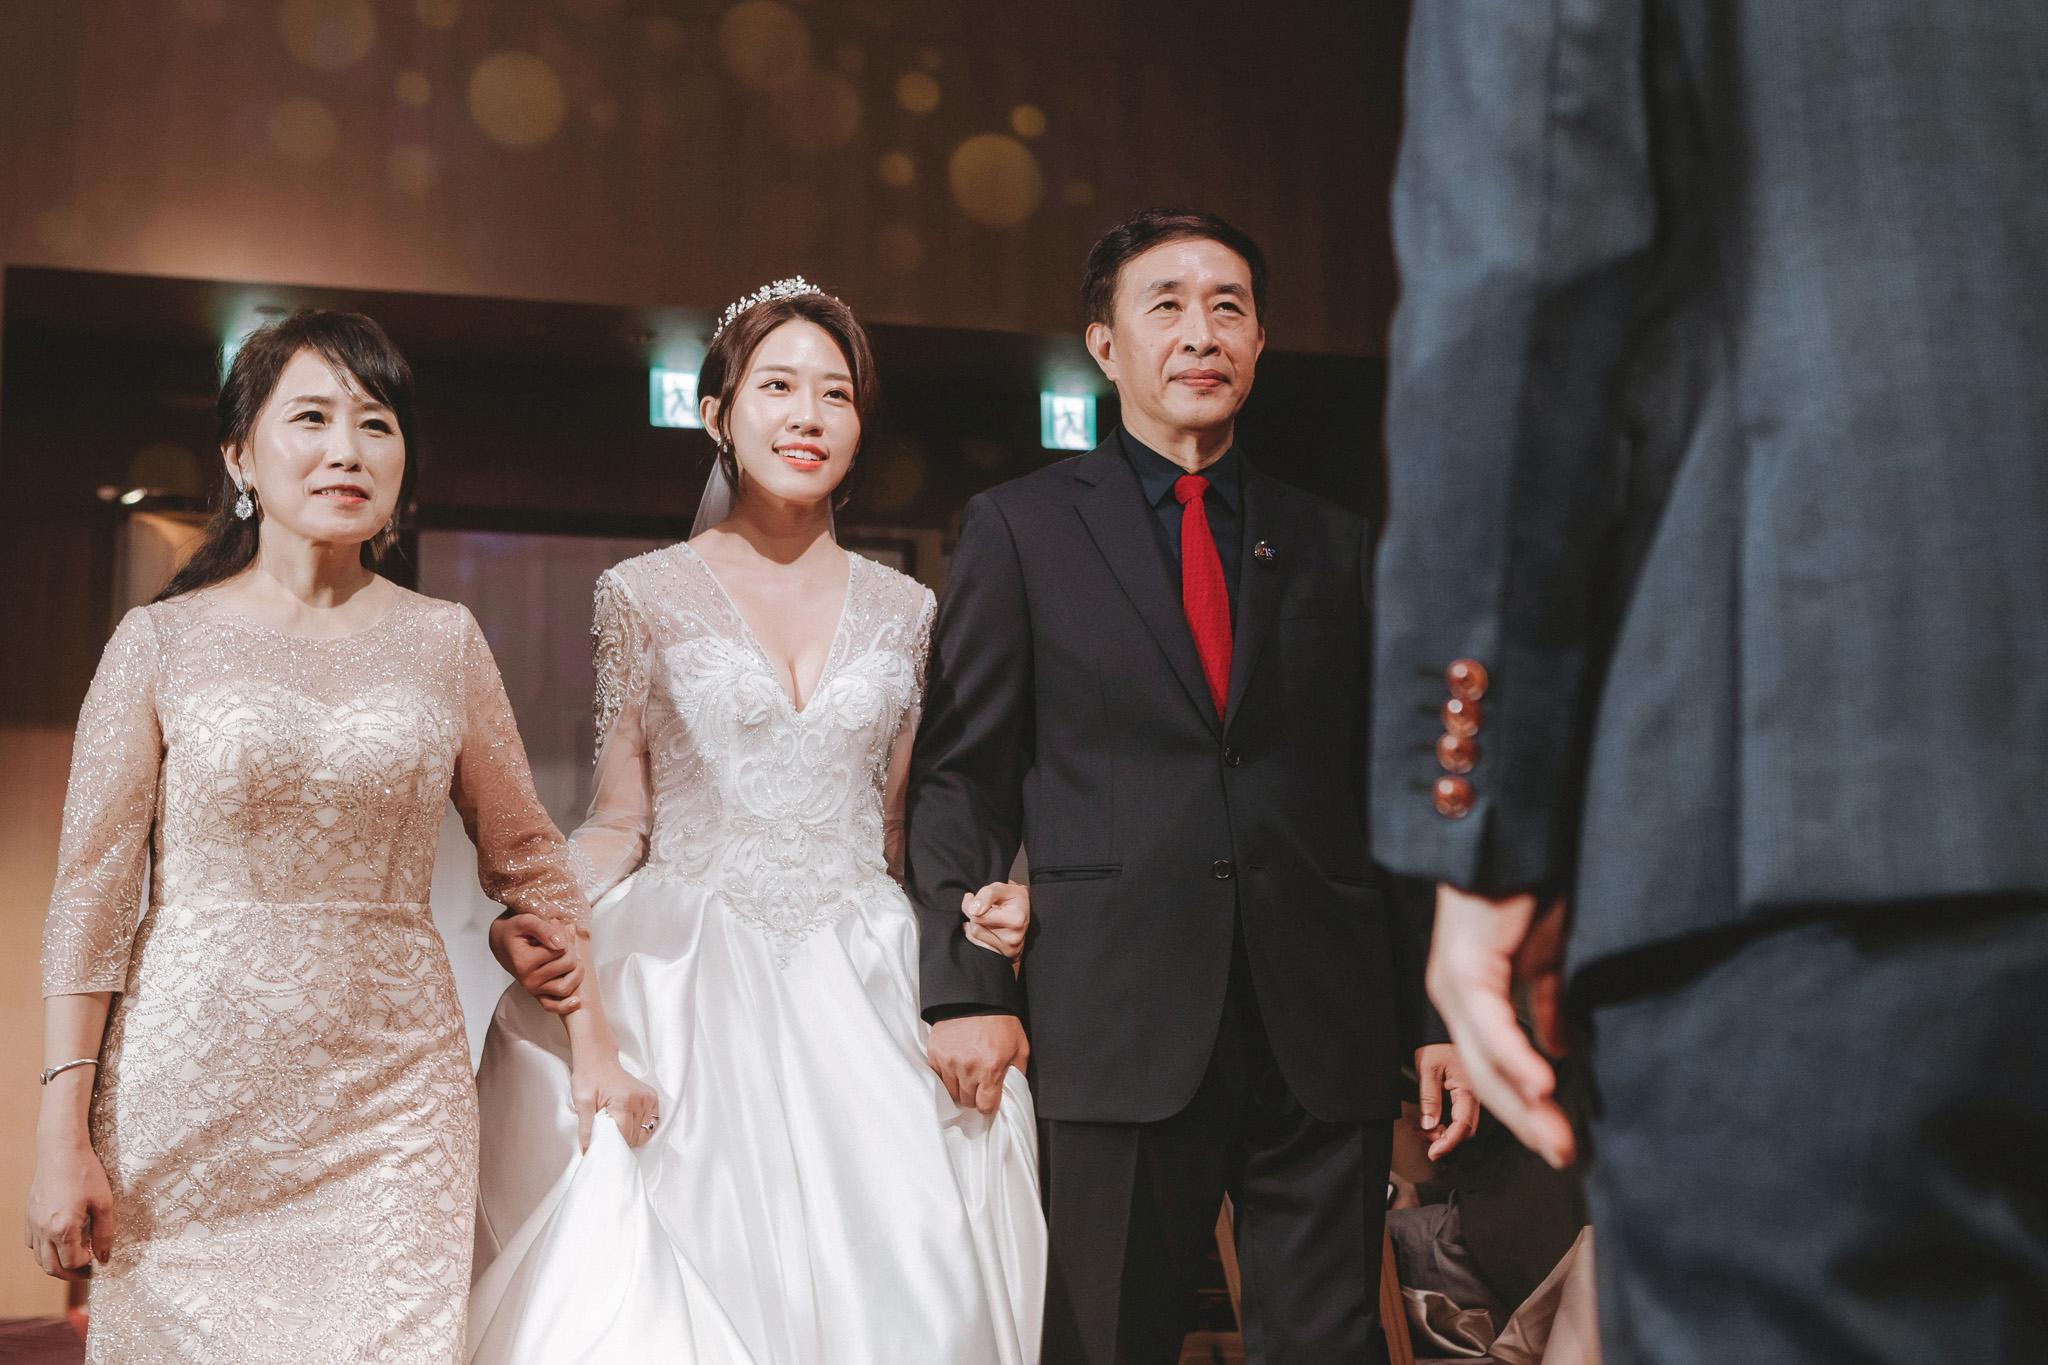 EW 居米 台北婚宴 台北婚紗 台北婚攝 國泰萬怡 台北婚禮 -22